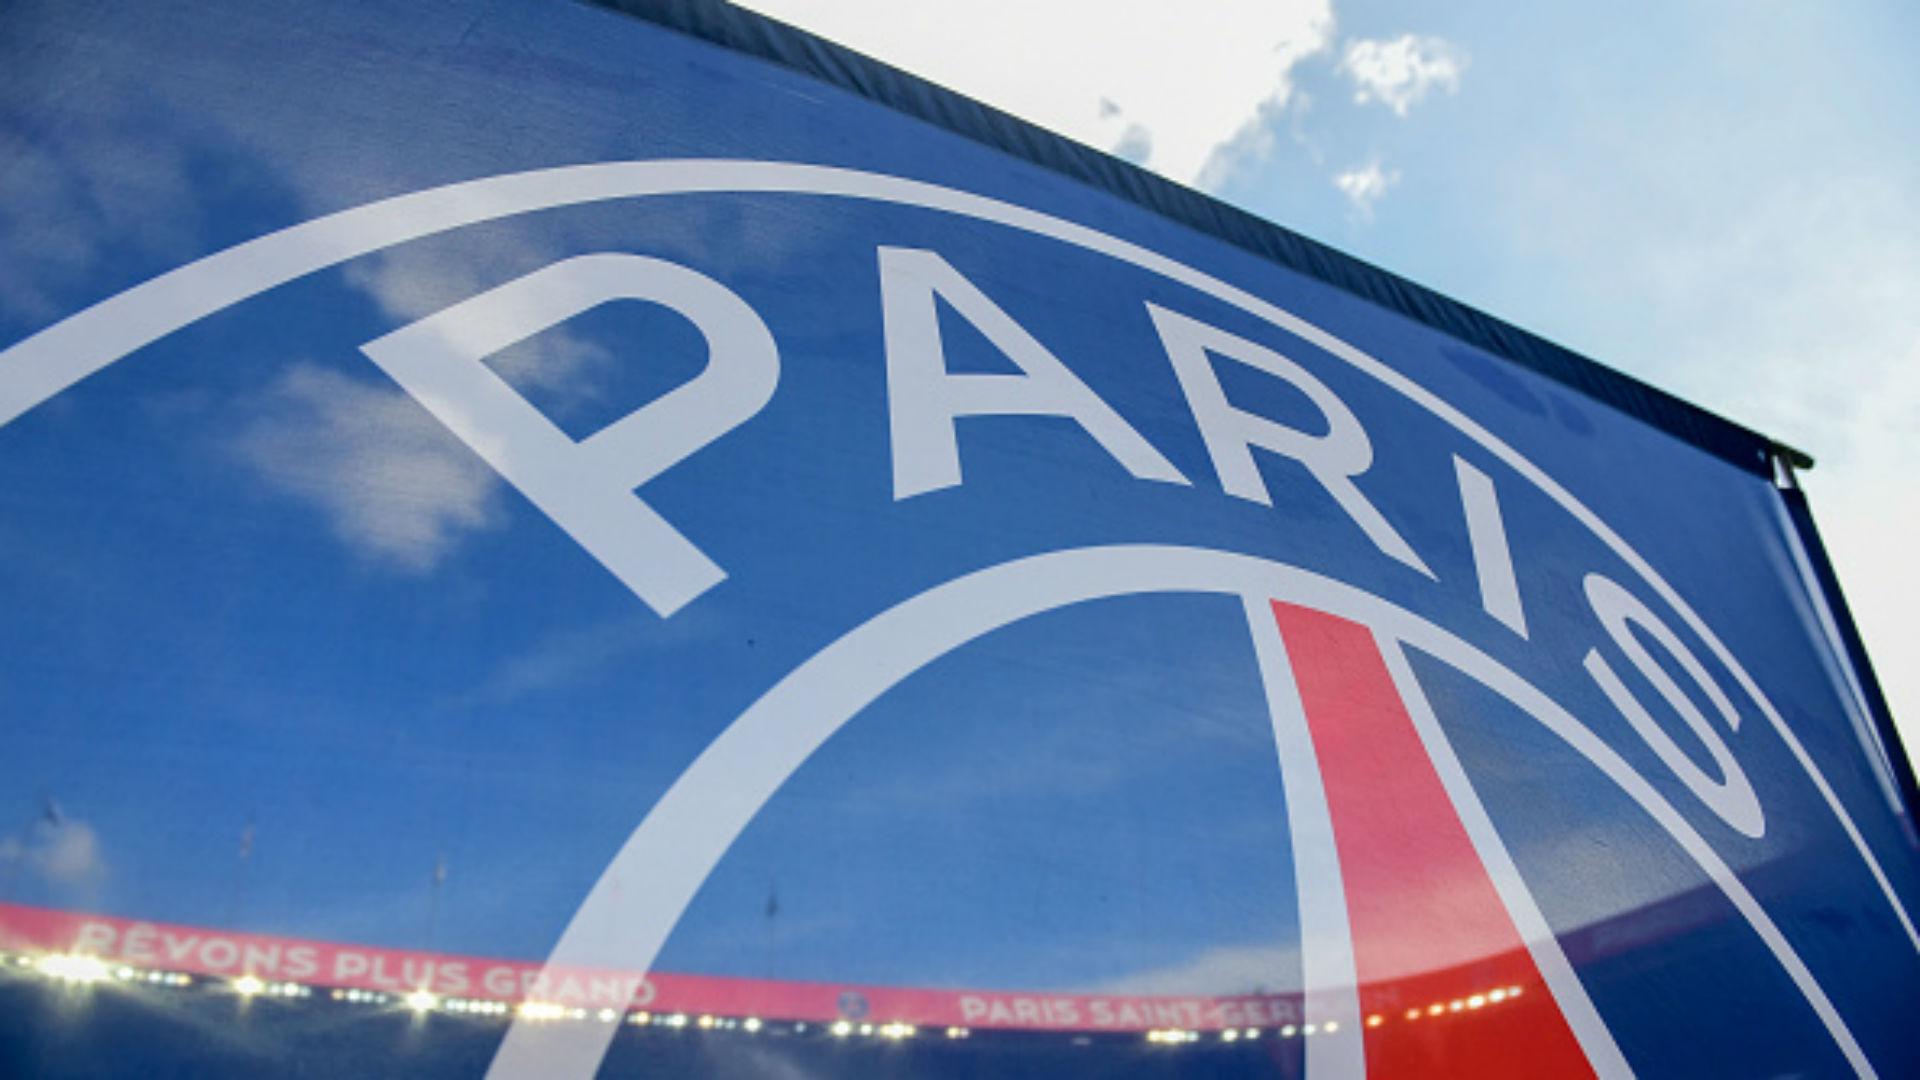 OFFICIEL - PSG féminin : une gardienne de retour au club